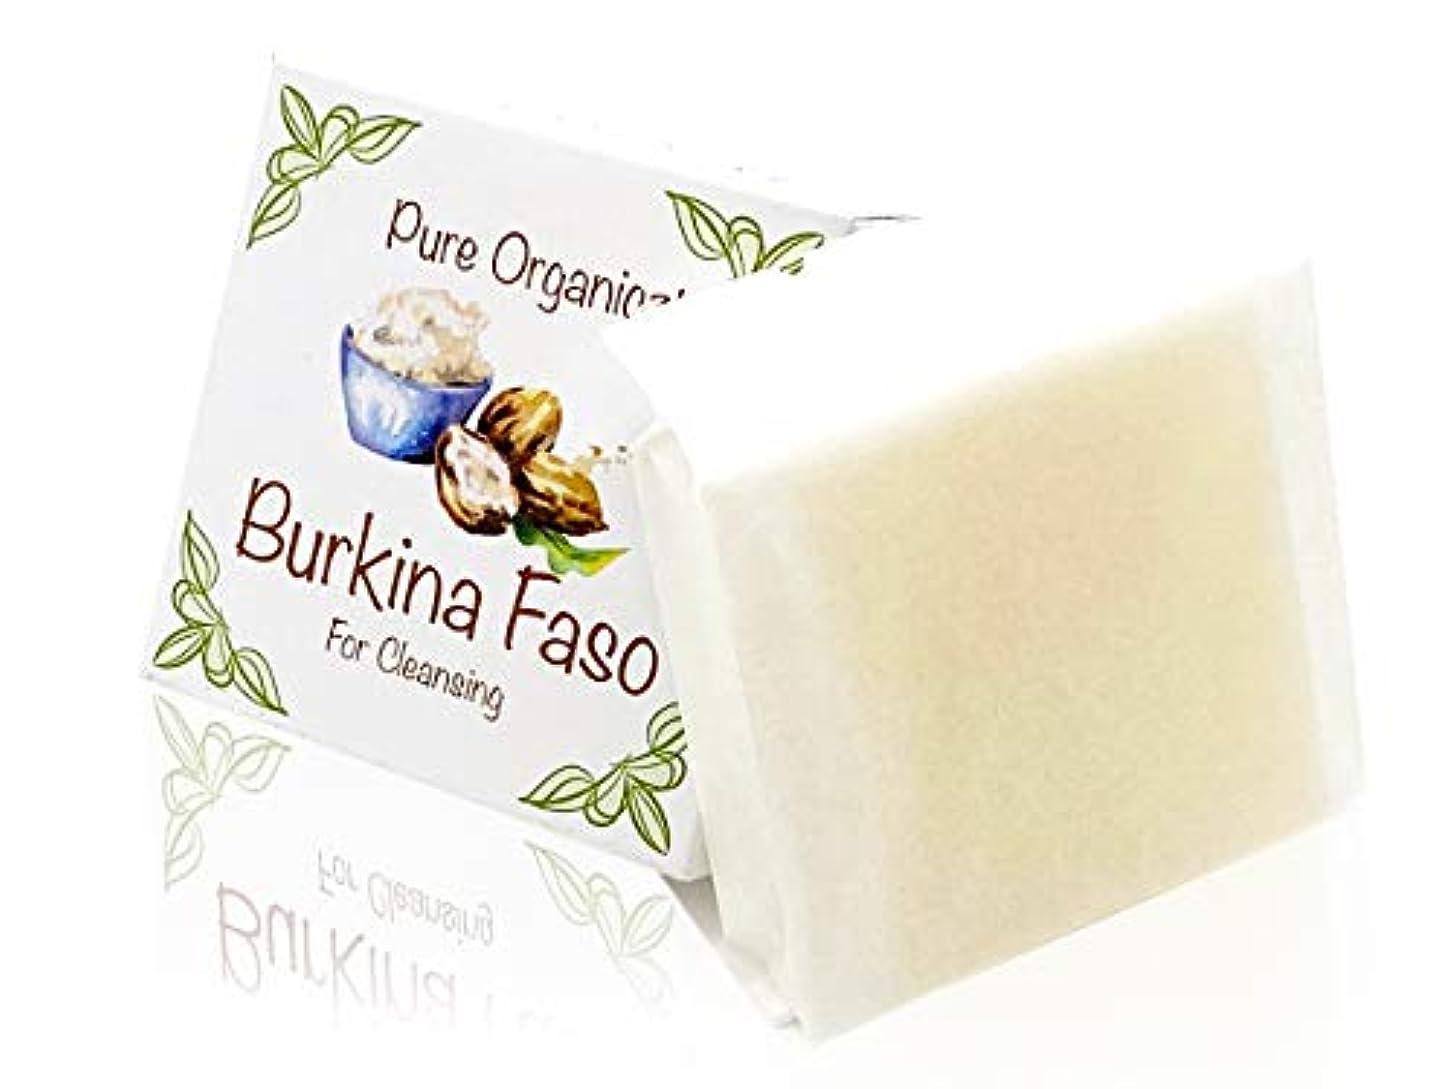 のり作成する広告主シアバター 洗顔用石鹸 Burkina Faso Pure Organiczt 『無添加?毛穴?美白?保湿』